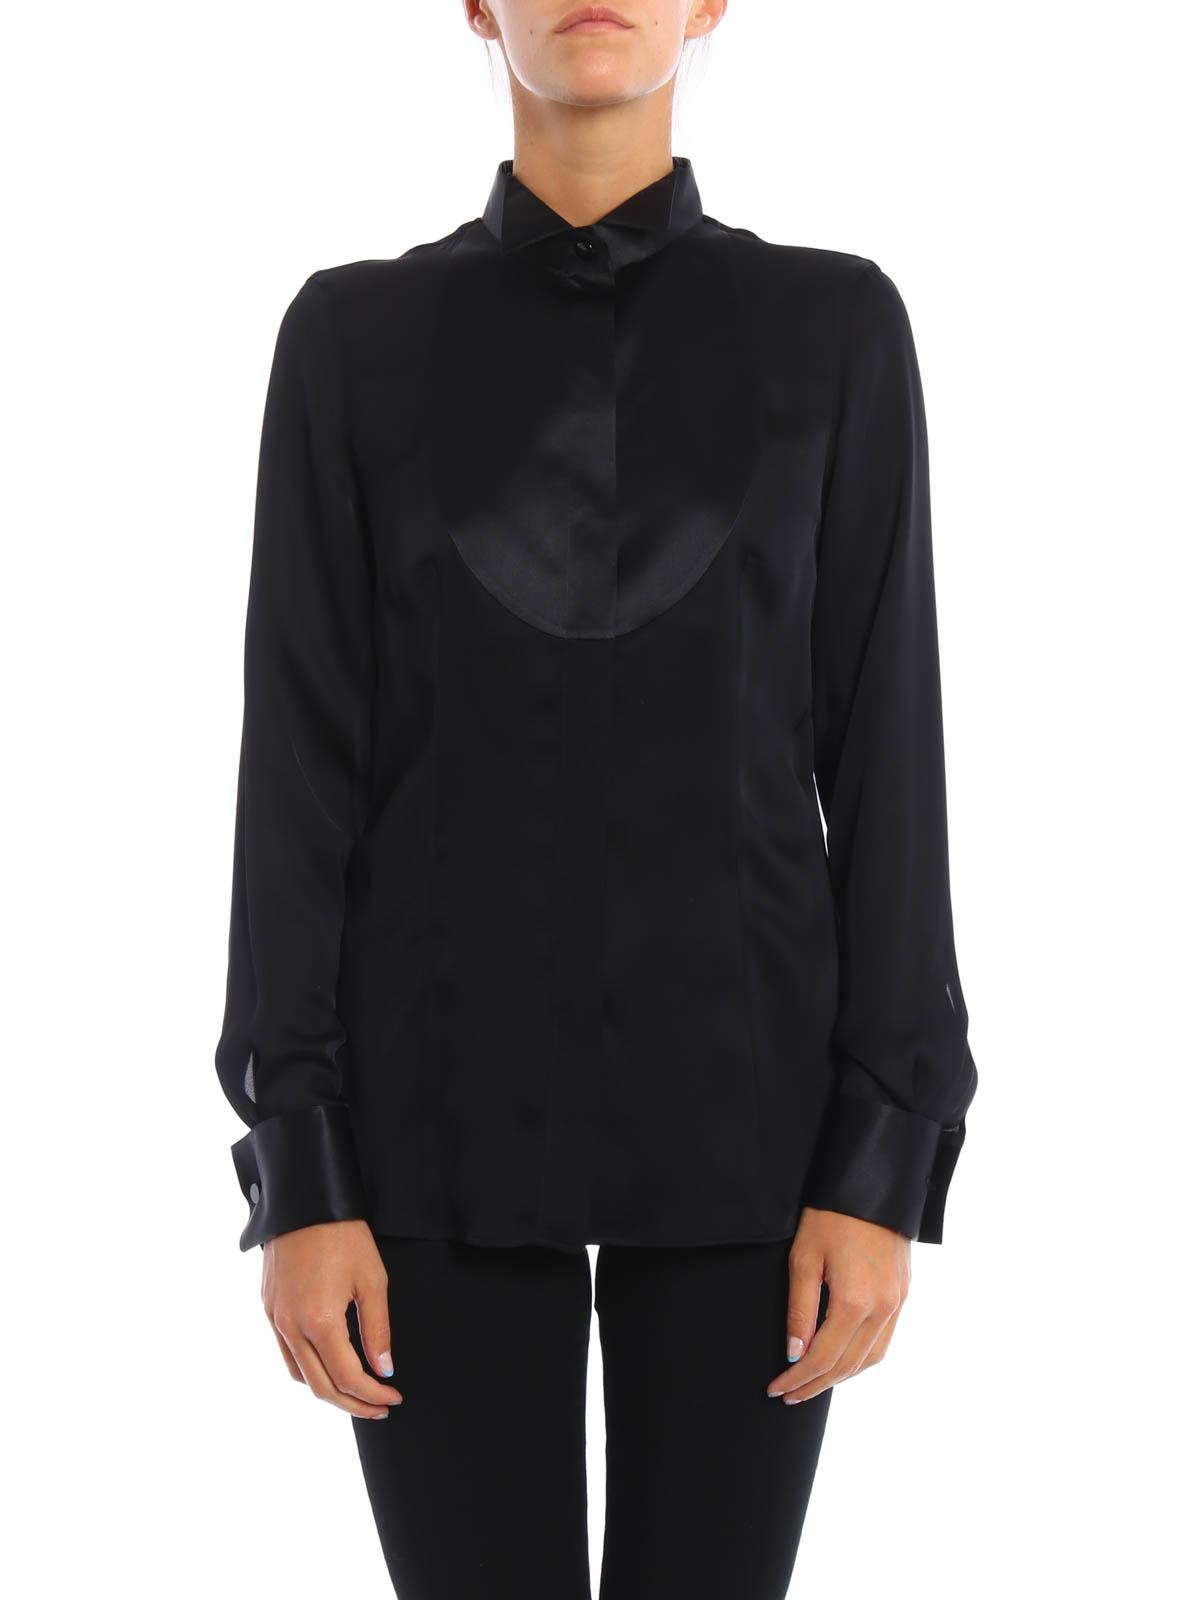 b1bd558b357 Giorgio Armani - Chemise Noir Pour Femme - Chemises - 0AC02T 0A06C 997